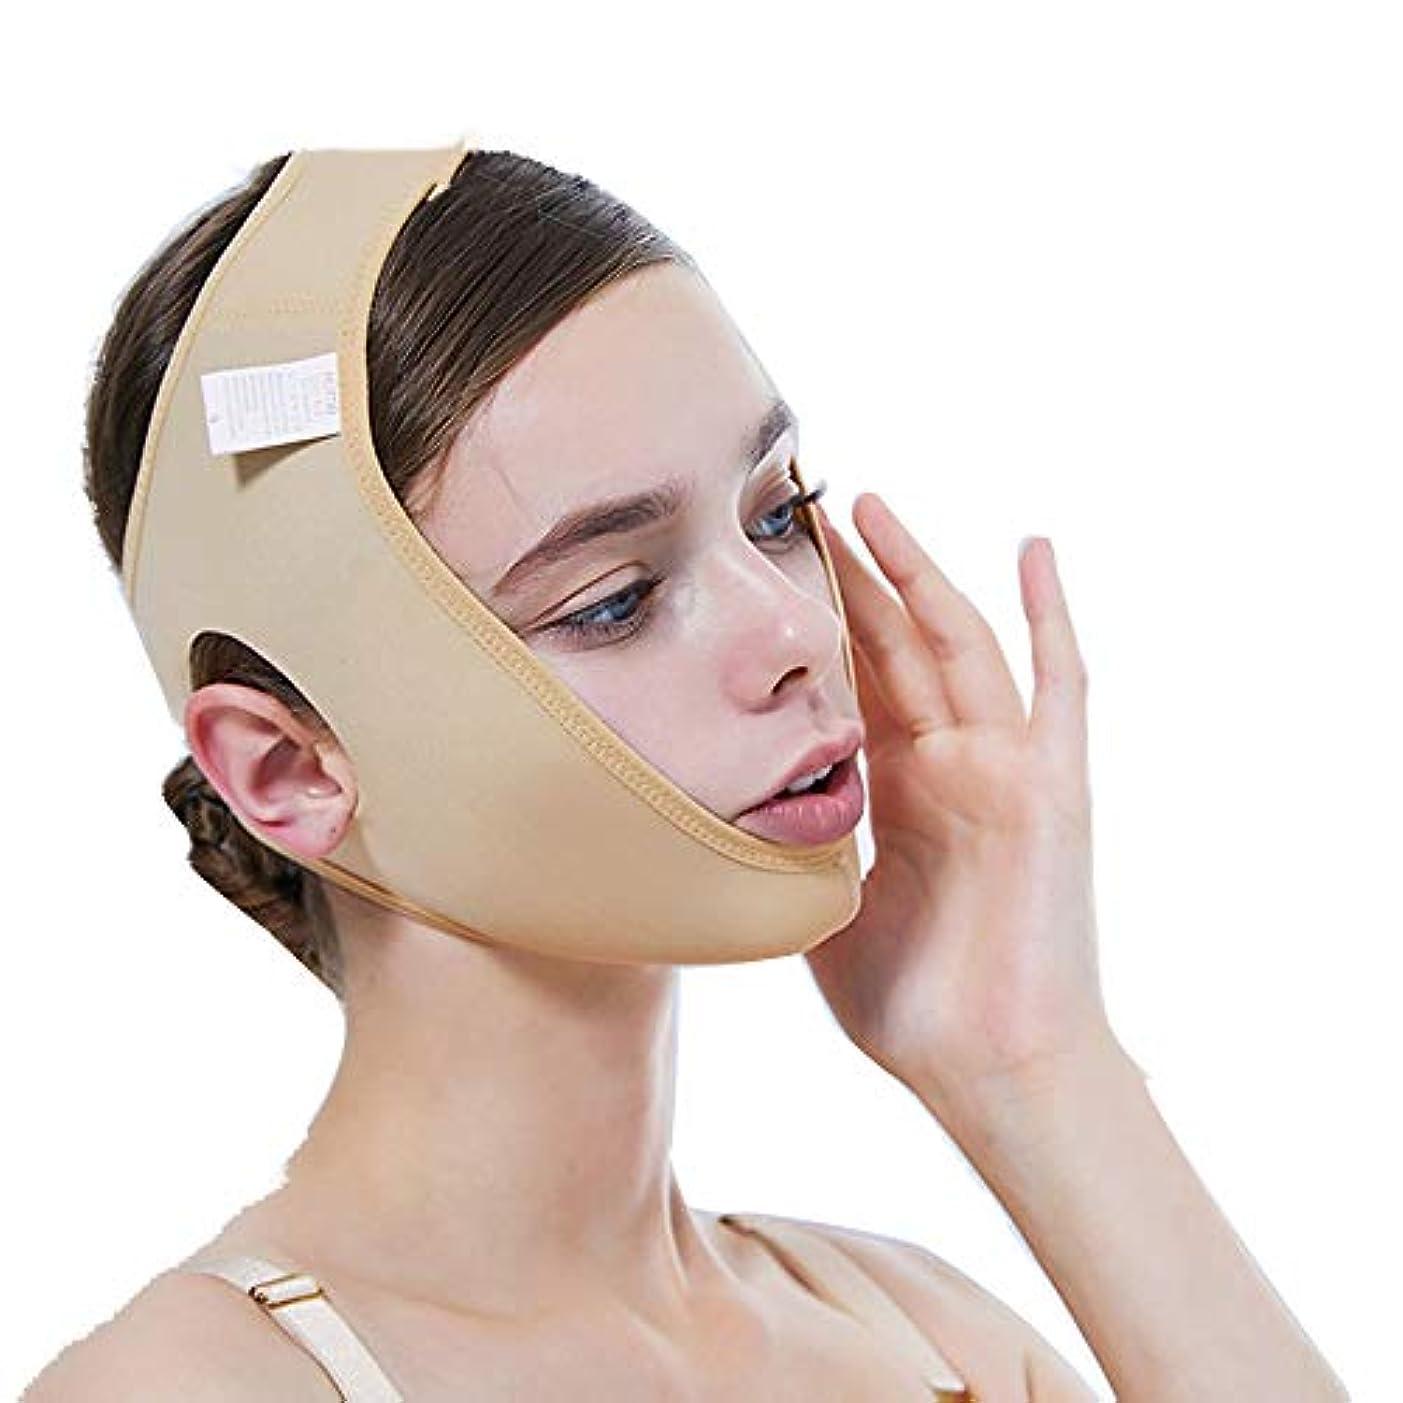 とティームコミュニケーションリビングルームフェイスリフトマスク、薄型ダブルチンアーティファクト/vフェイスビームフェイス/あご手術セット/フェイスマスク(カラー),XXL